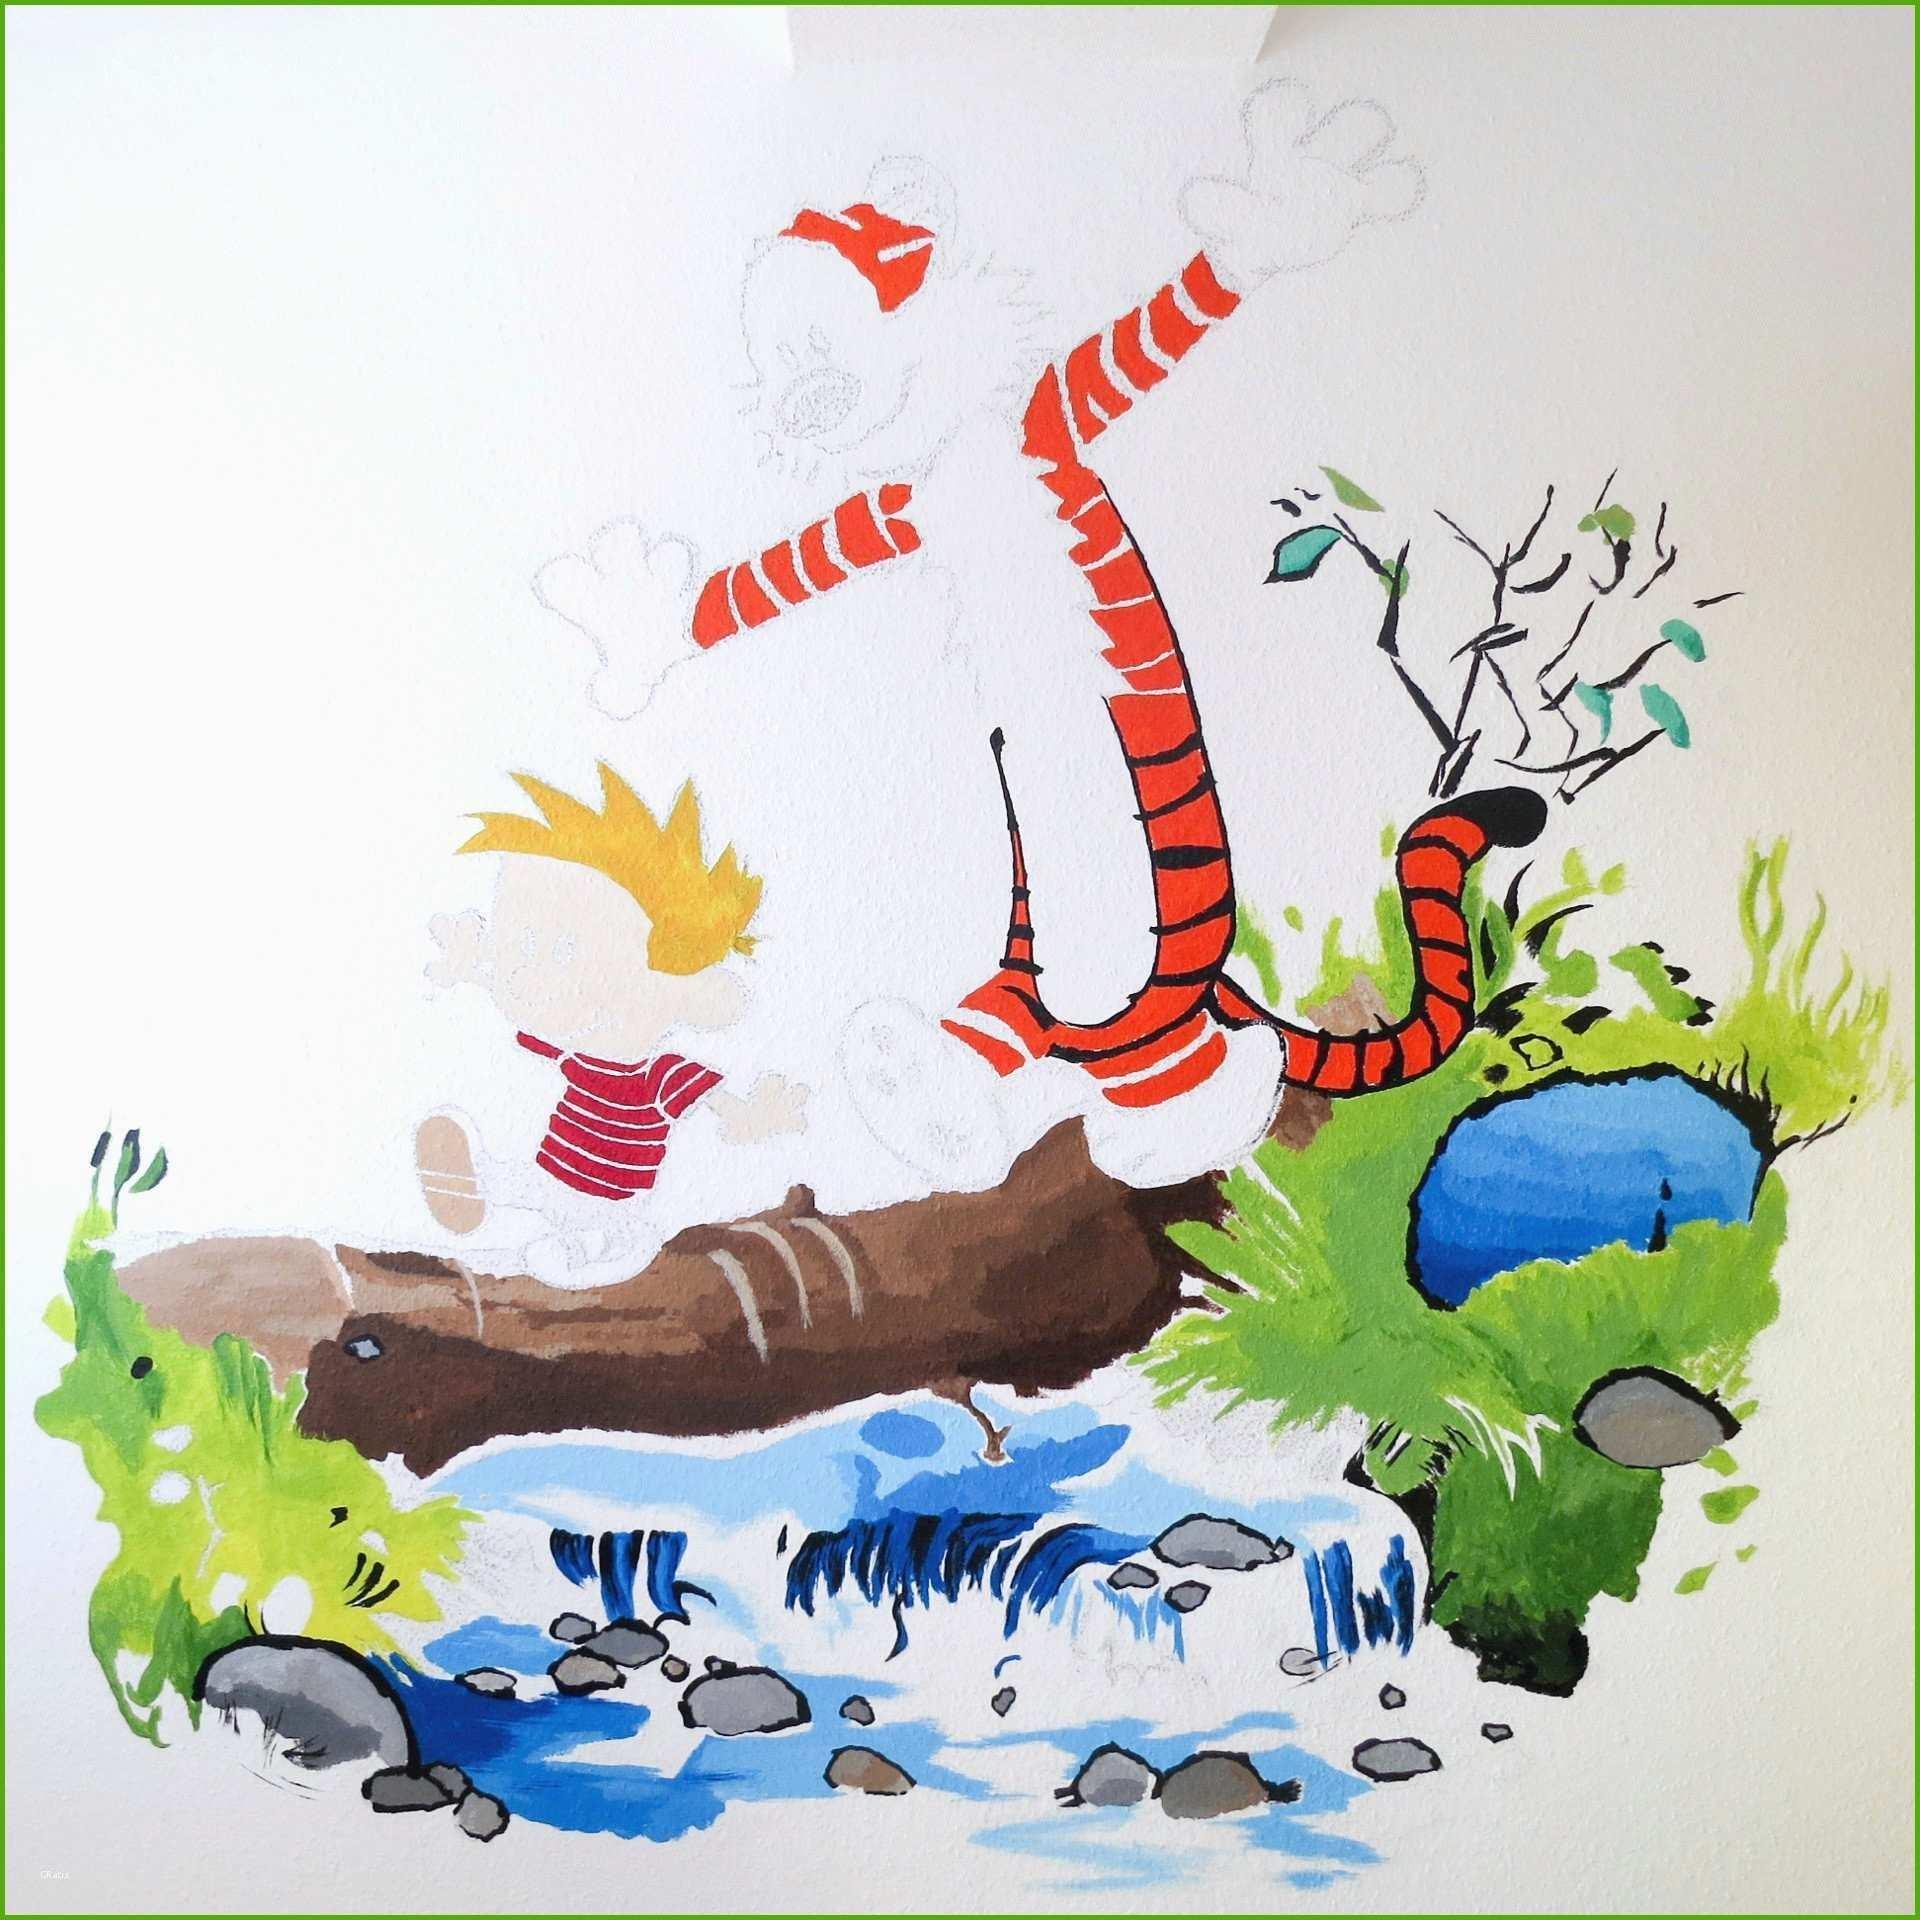 Acrylbilder Kinderzimmer Vorlagen Mit Bilder Kinderzimmer Kinderzimmer Vorla In 2020 Kinderzimmer Ideen Fur Madchen Kinder Zimmer Kinderzimmer Ideen Fur Jungen